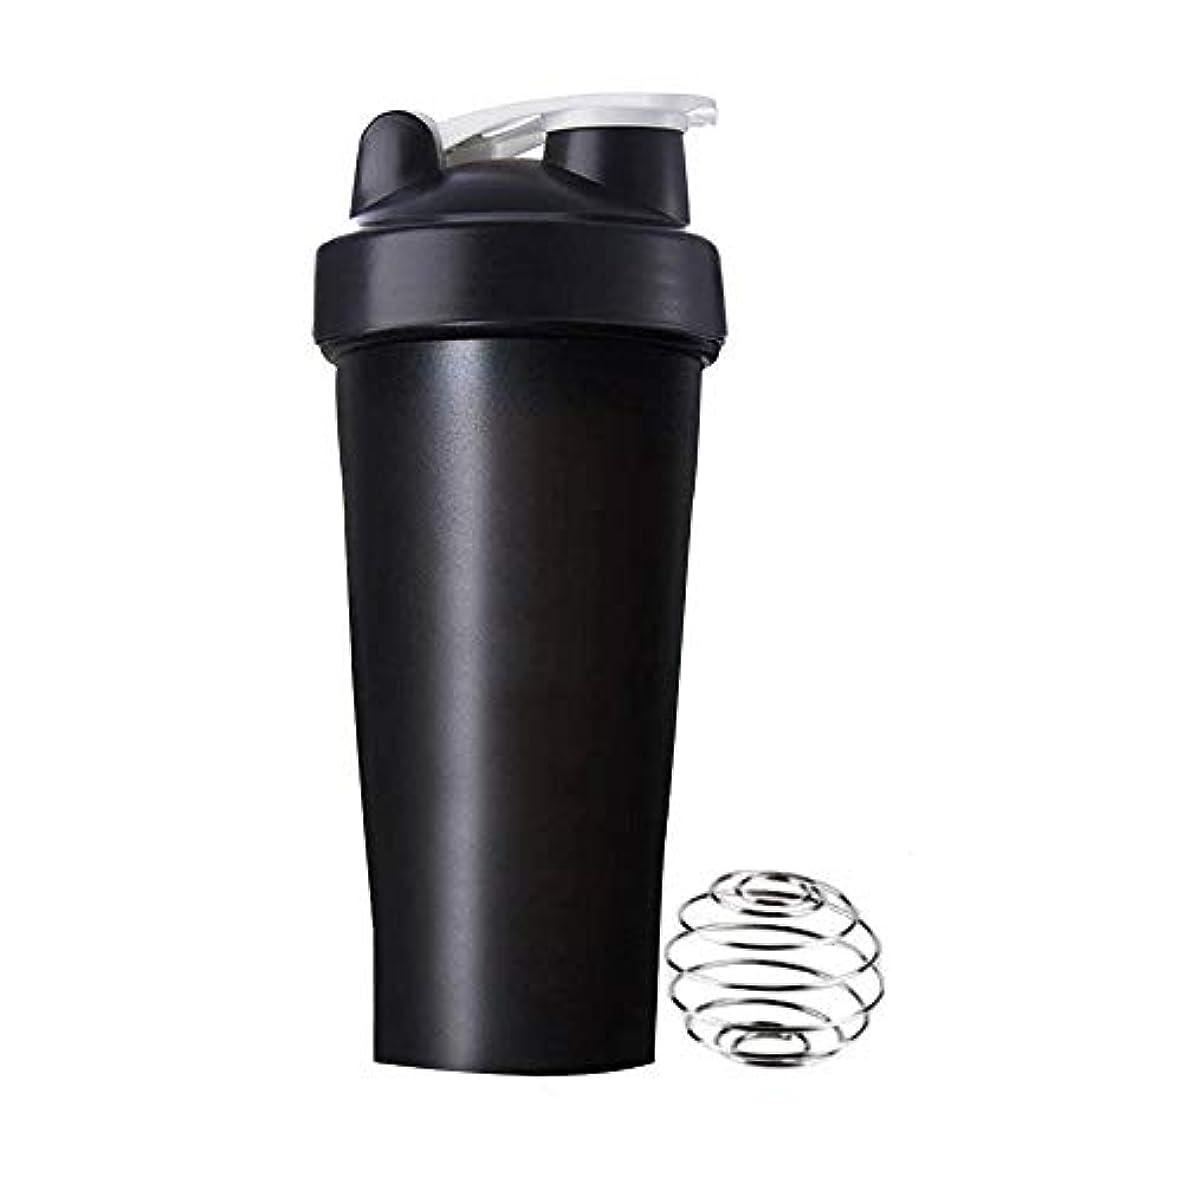 個人的な落ち着かない抵抗力があるSimg プロテインシェイカー 直飲み プラスチックウォーターボトル ジム シェーカーボトル 600ml